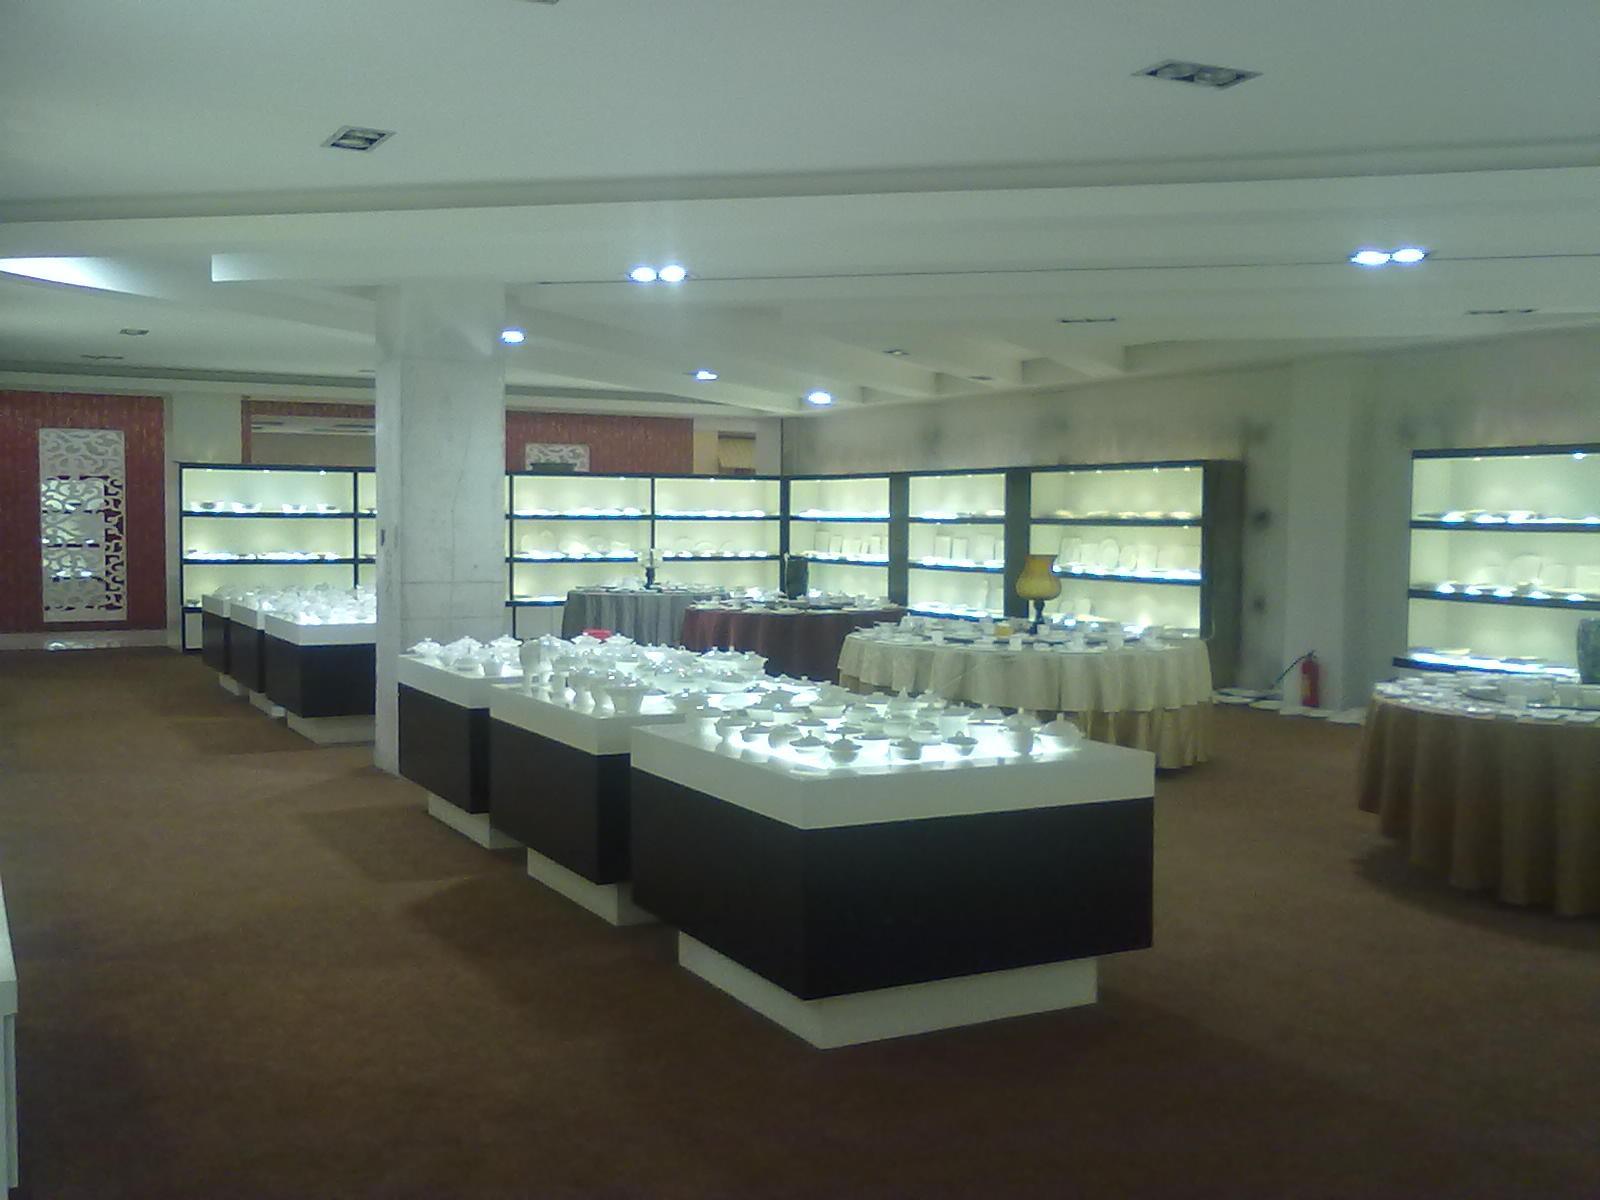 供应酒店用品陶瓷餐具厨房设备客房用品布草